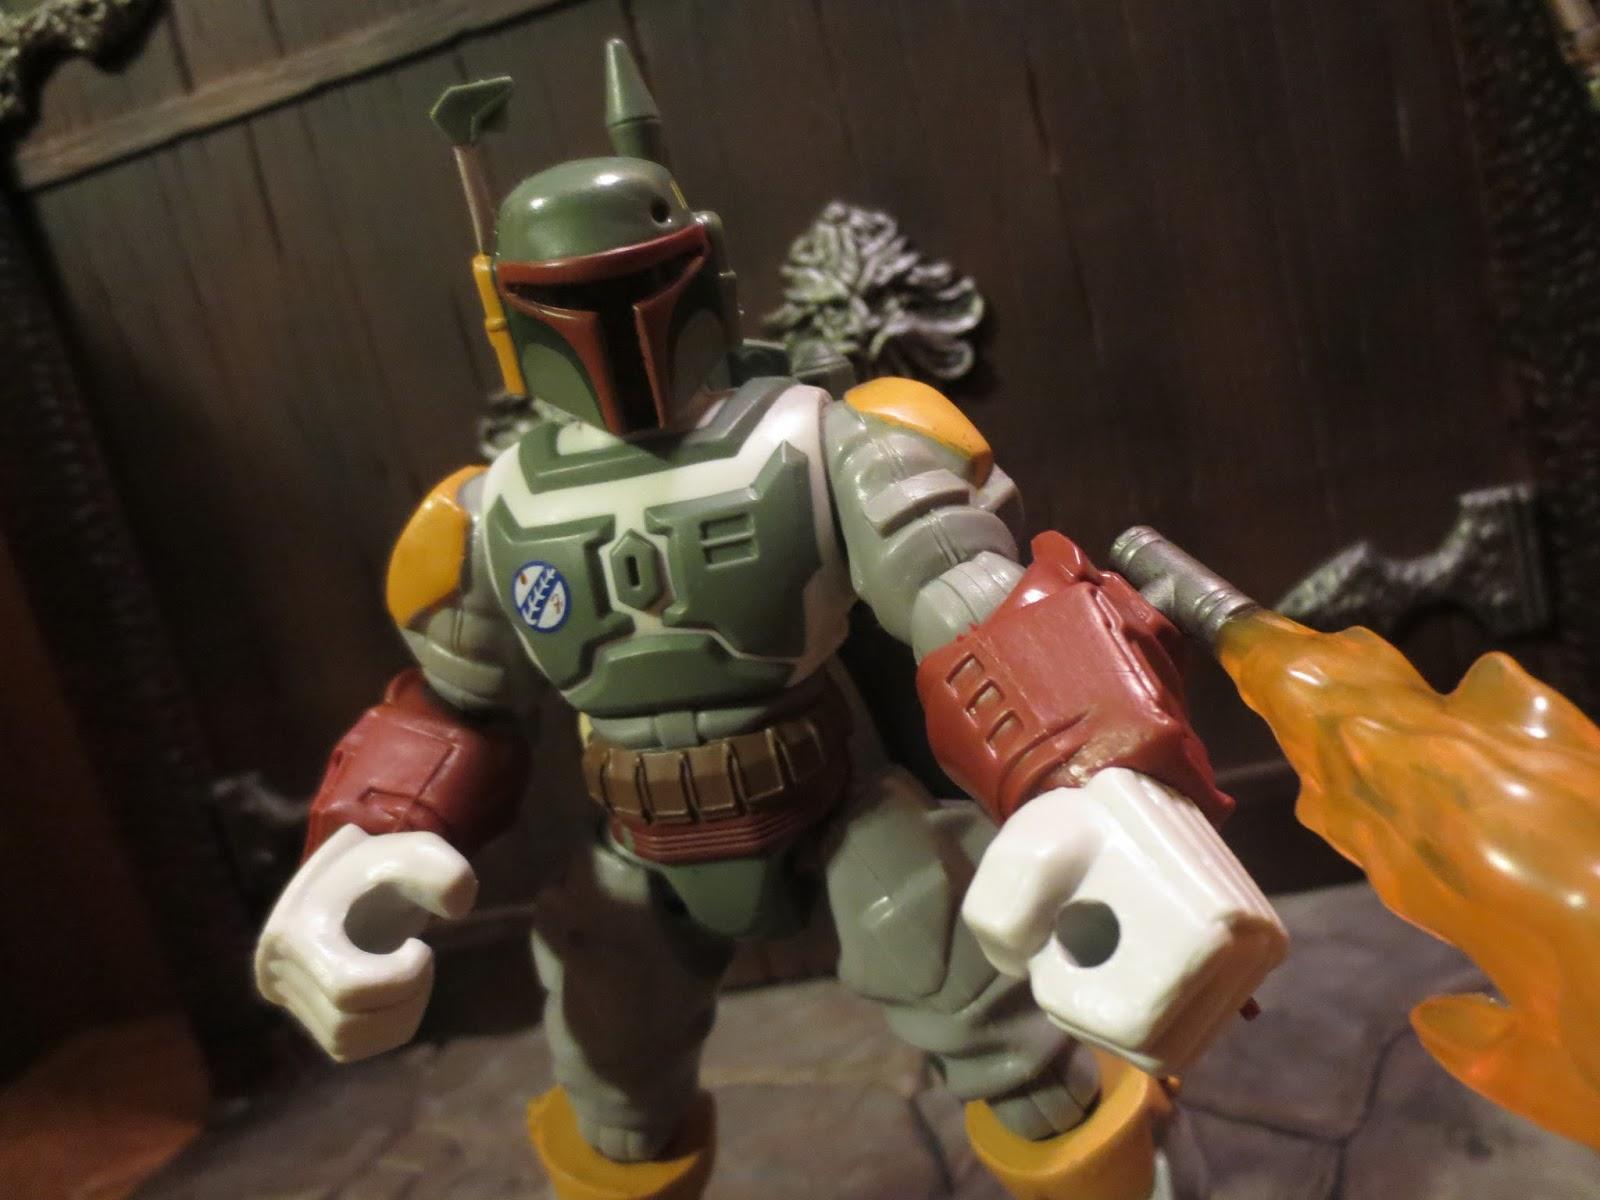 Star Wars Hero Masher Deluxe Boba Fett Action Figure